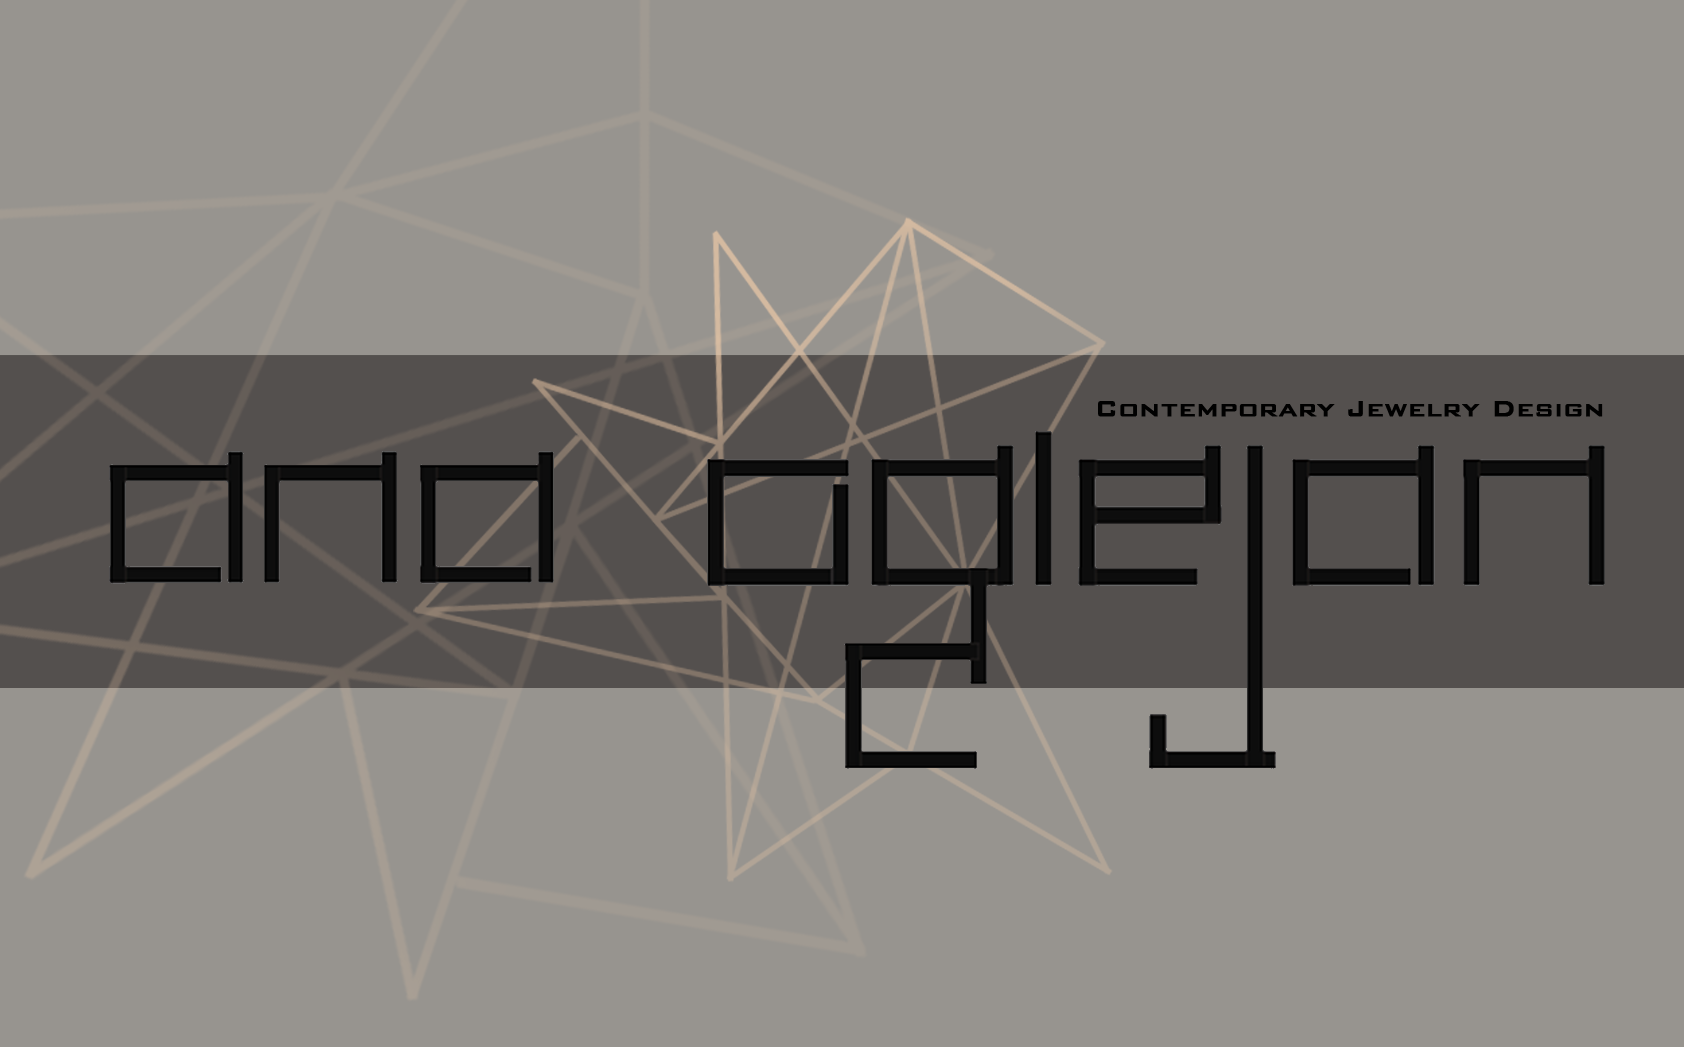 sponsor-anaoglejan-sigla-2016